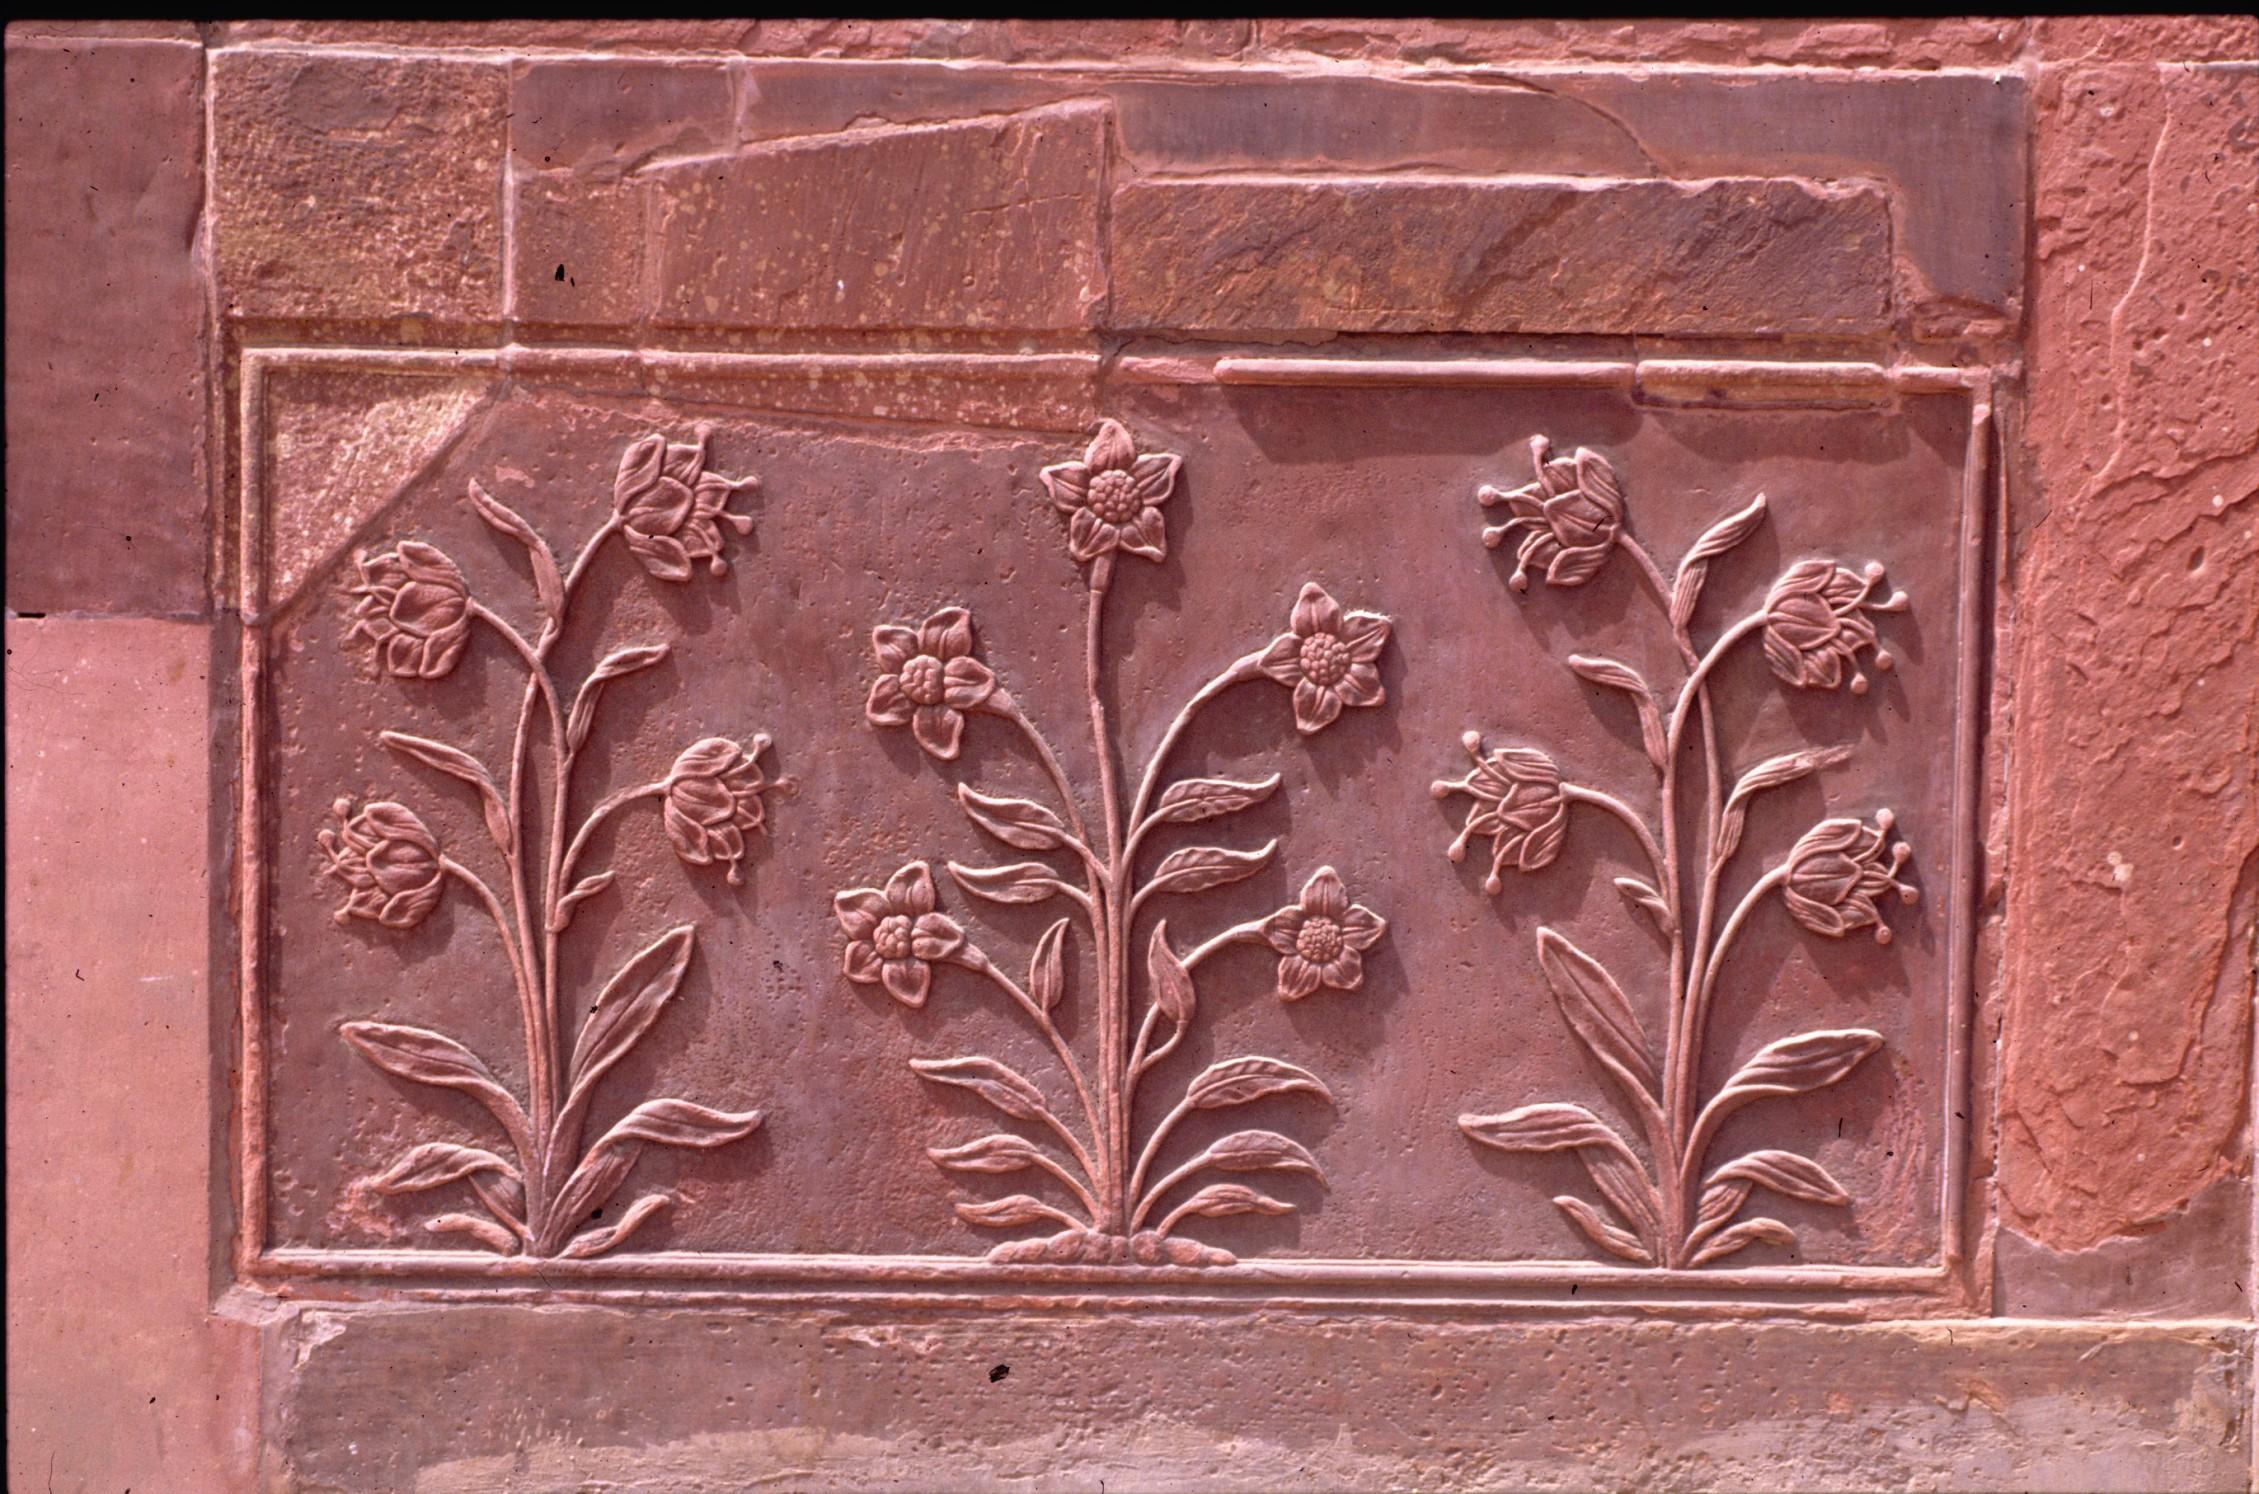 Mughal sandstone floral design